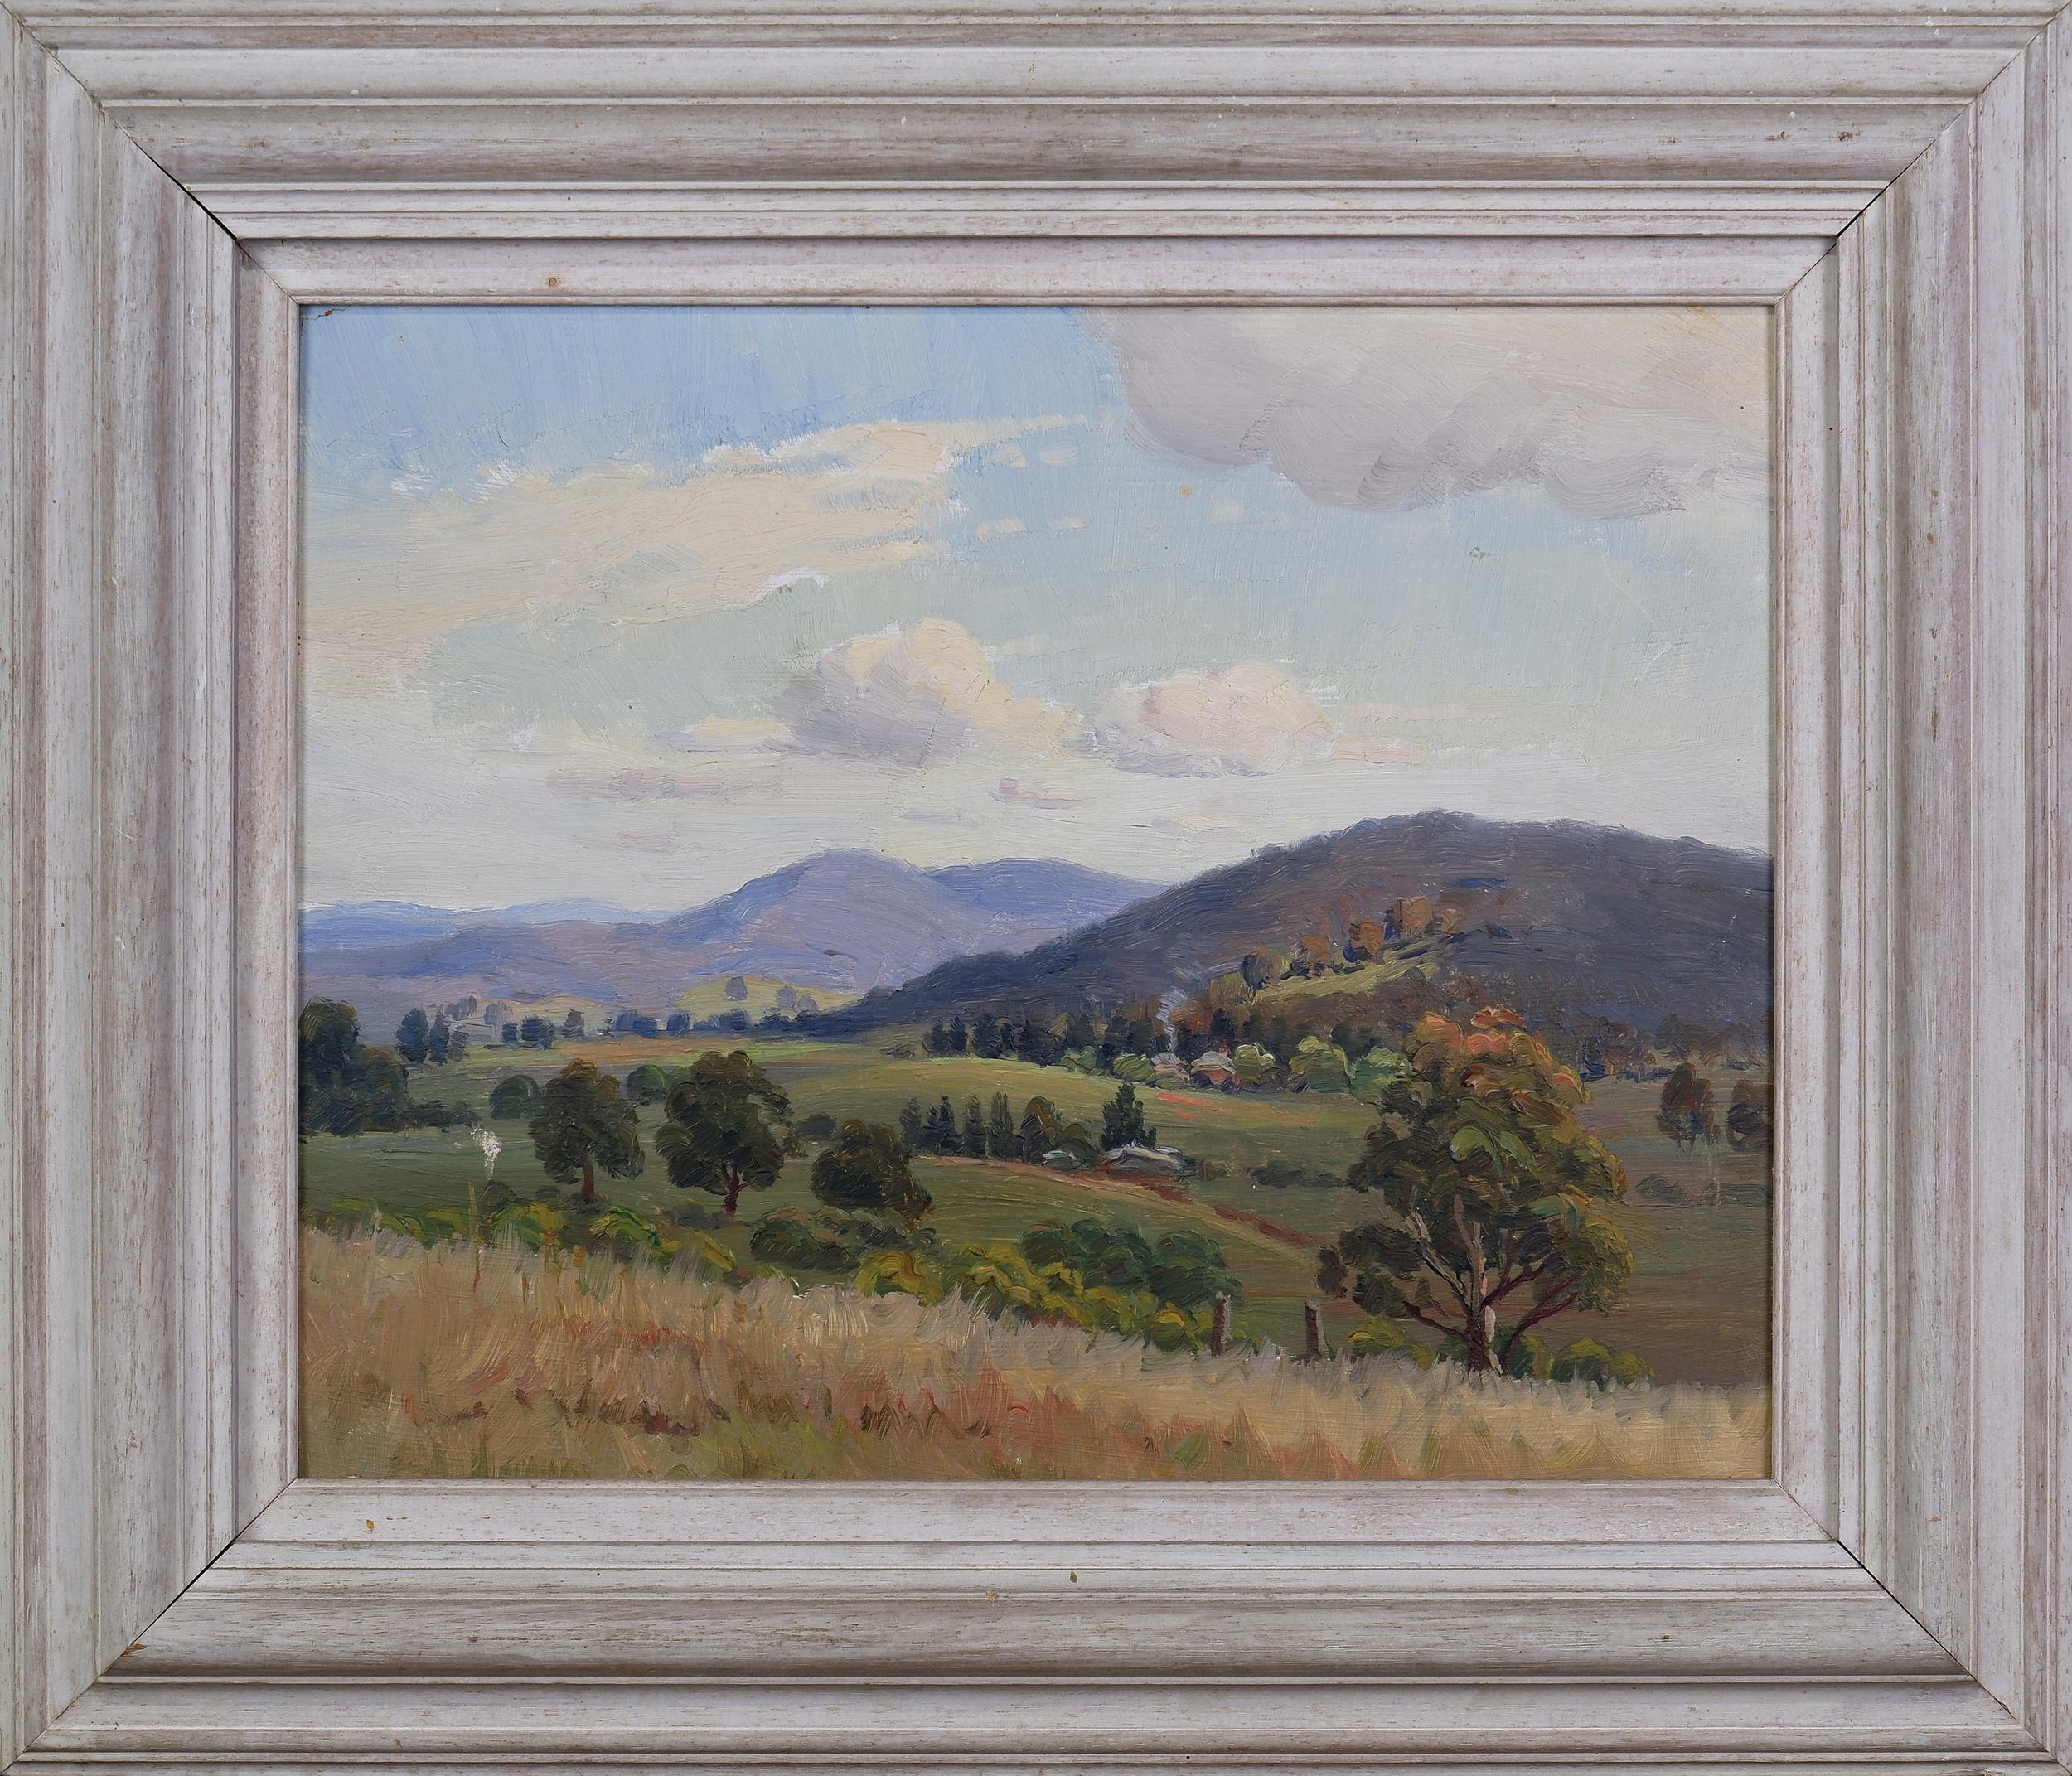 'Erik Langker (1898-1982), Landscape Near Cooma, Oil on Board'